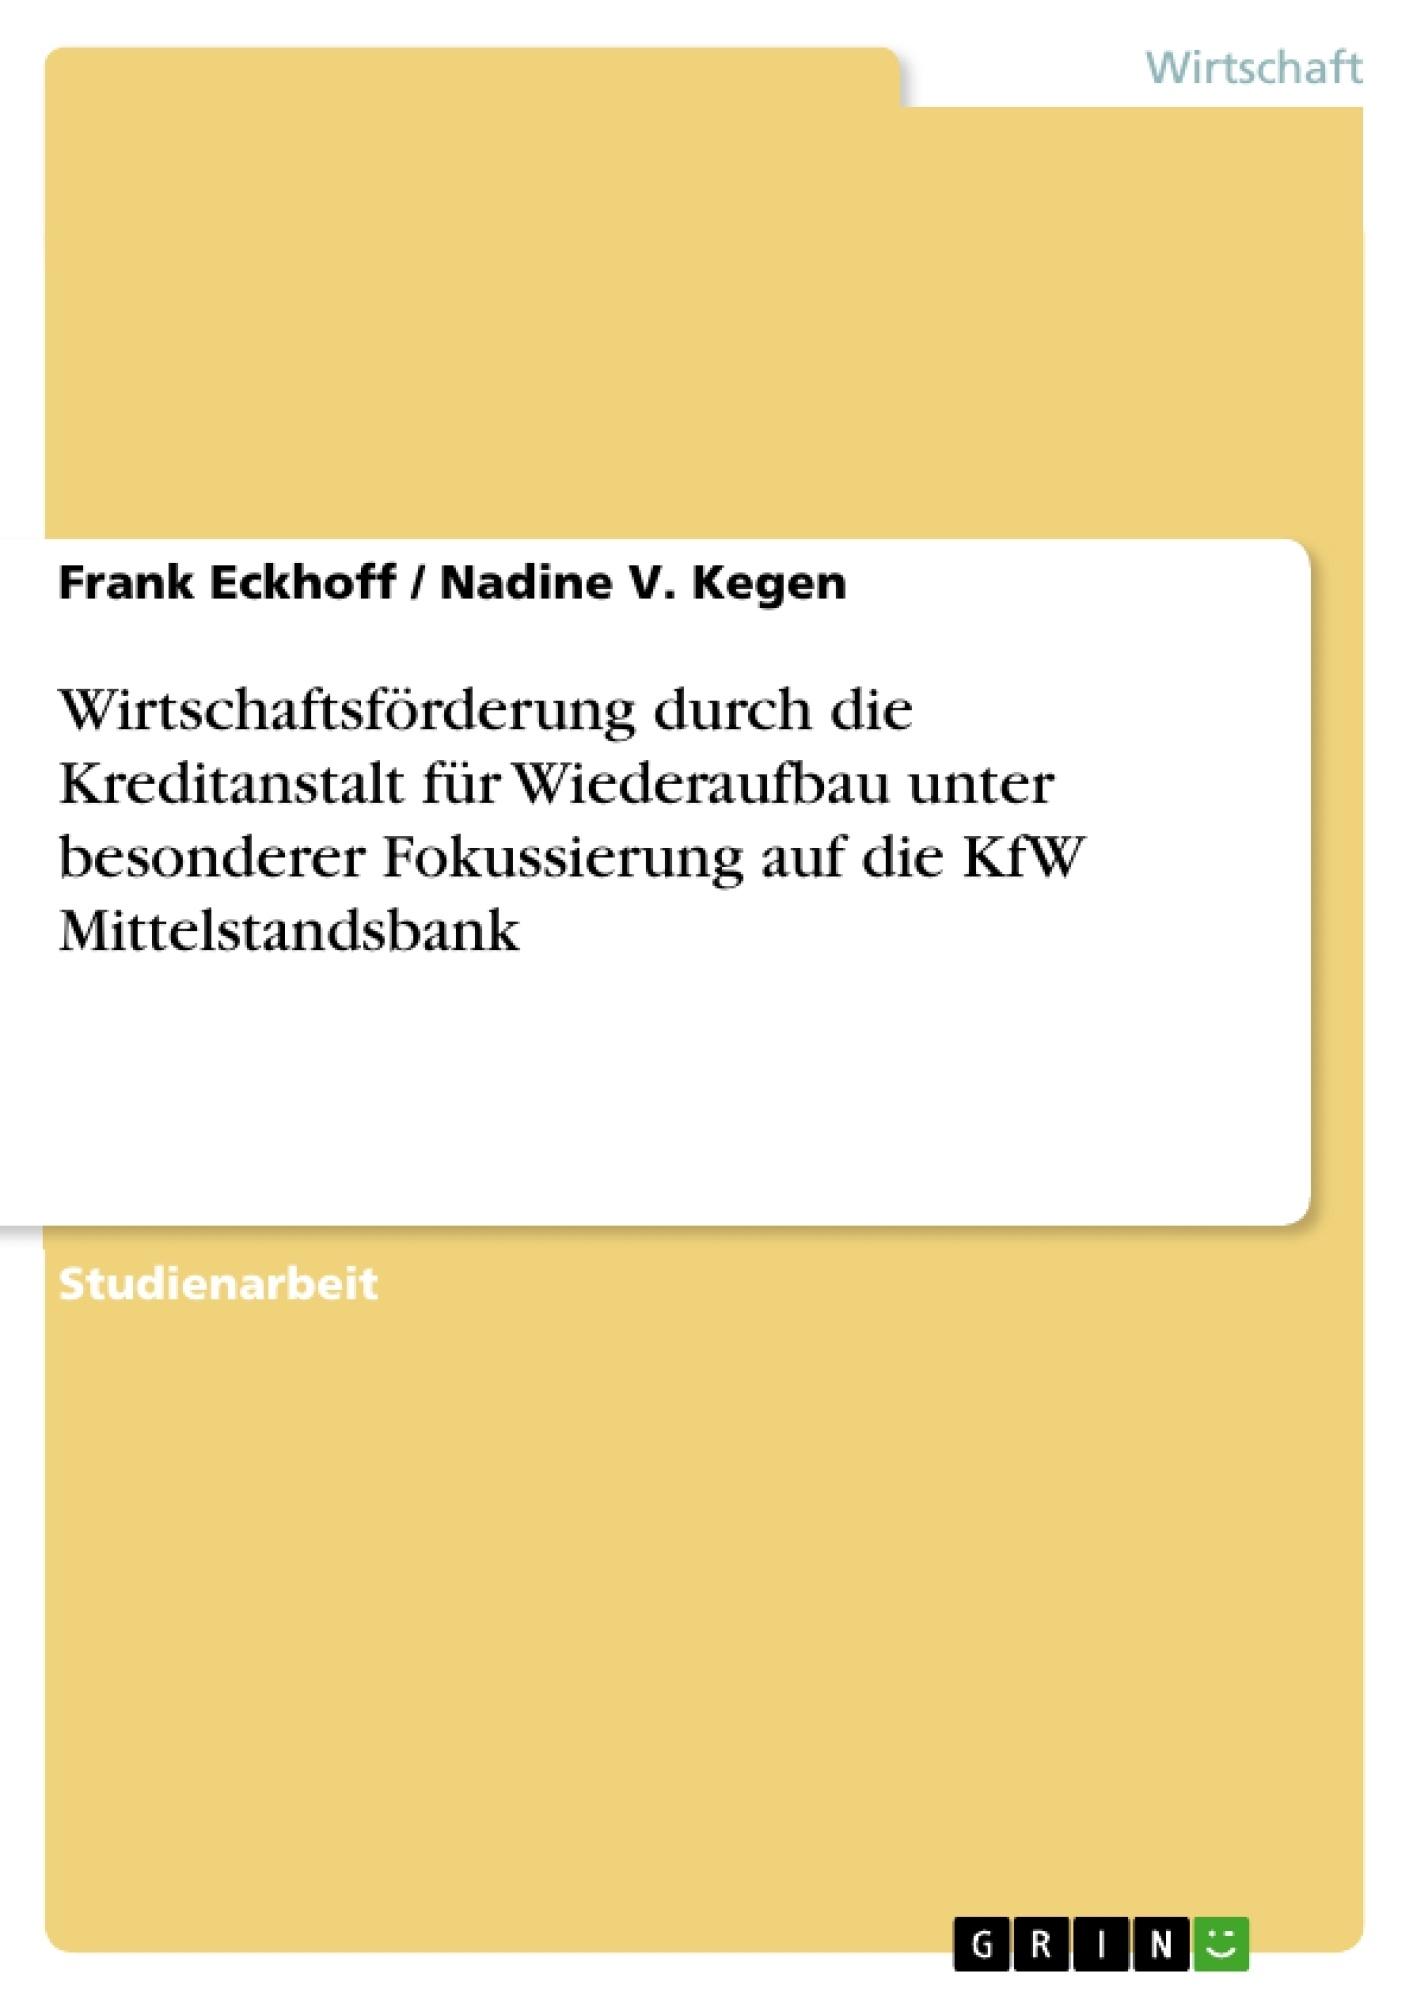 Titel: Wirtschaftsförderung durch die Kreditanstalt für Wiederaufbau unter besonderer Fokussierung auf die KfW Mittelstandsbank